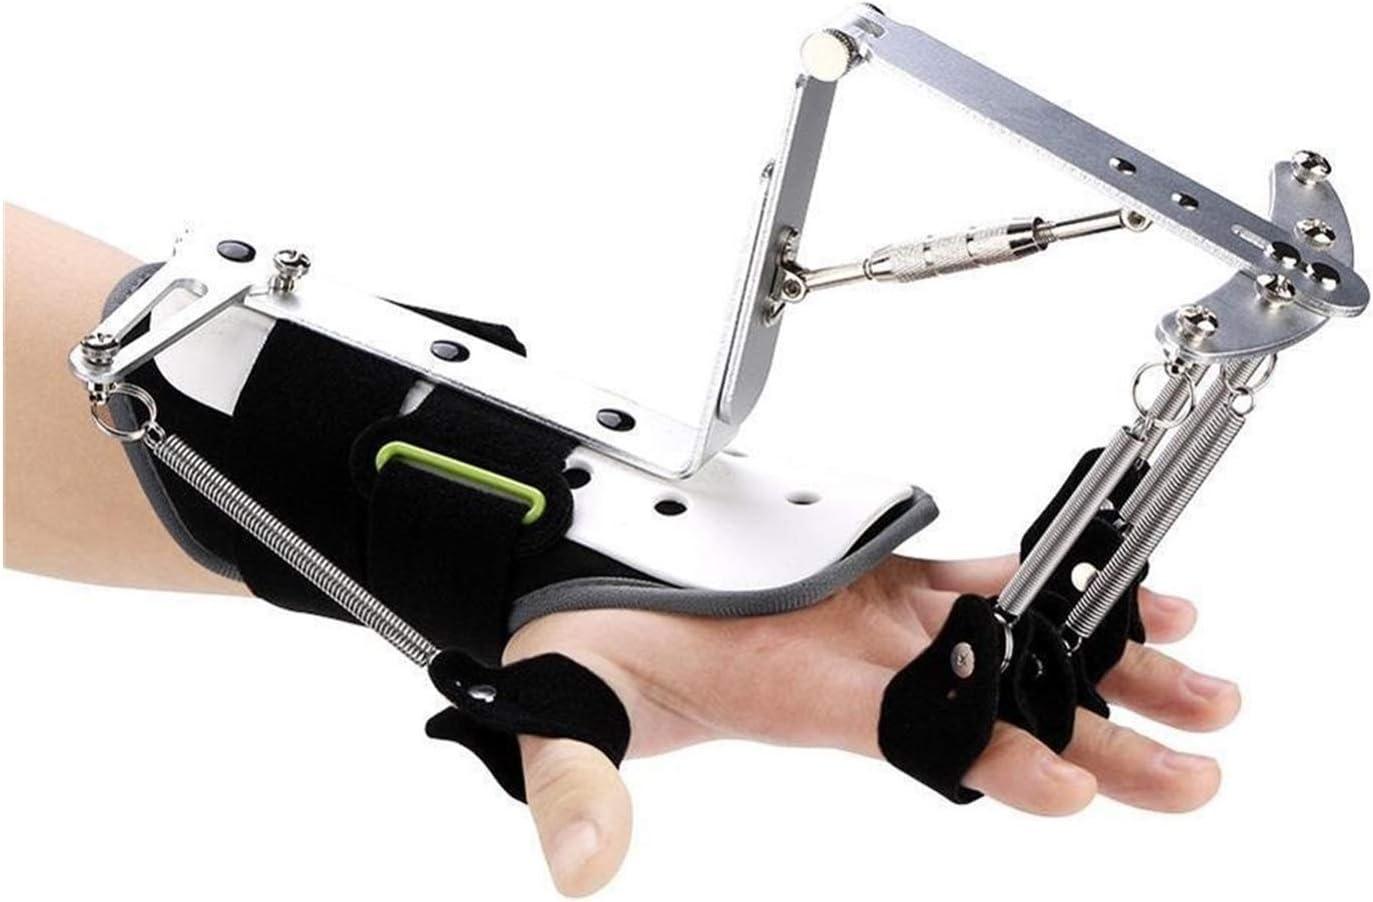 Ortesis para Dedos, Corrector De Postura Ajustable Finger Splint Support Soporte De Rehabilitación De Mano (Color : B)